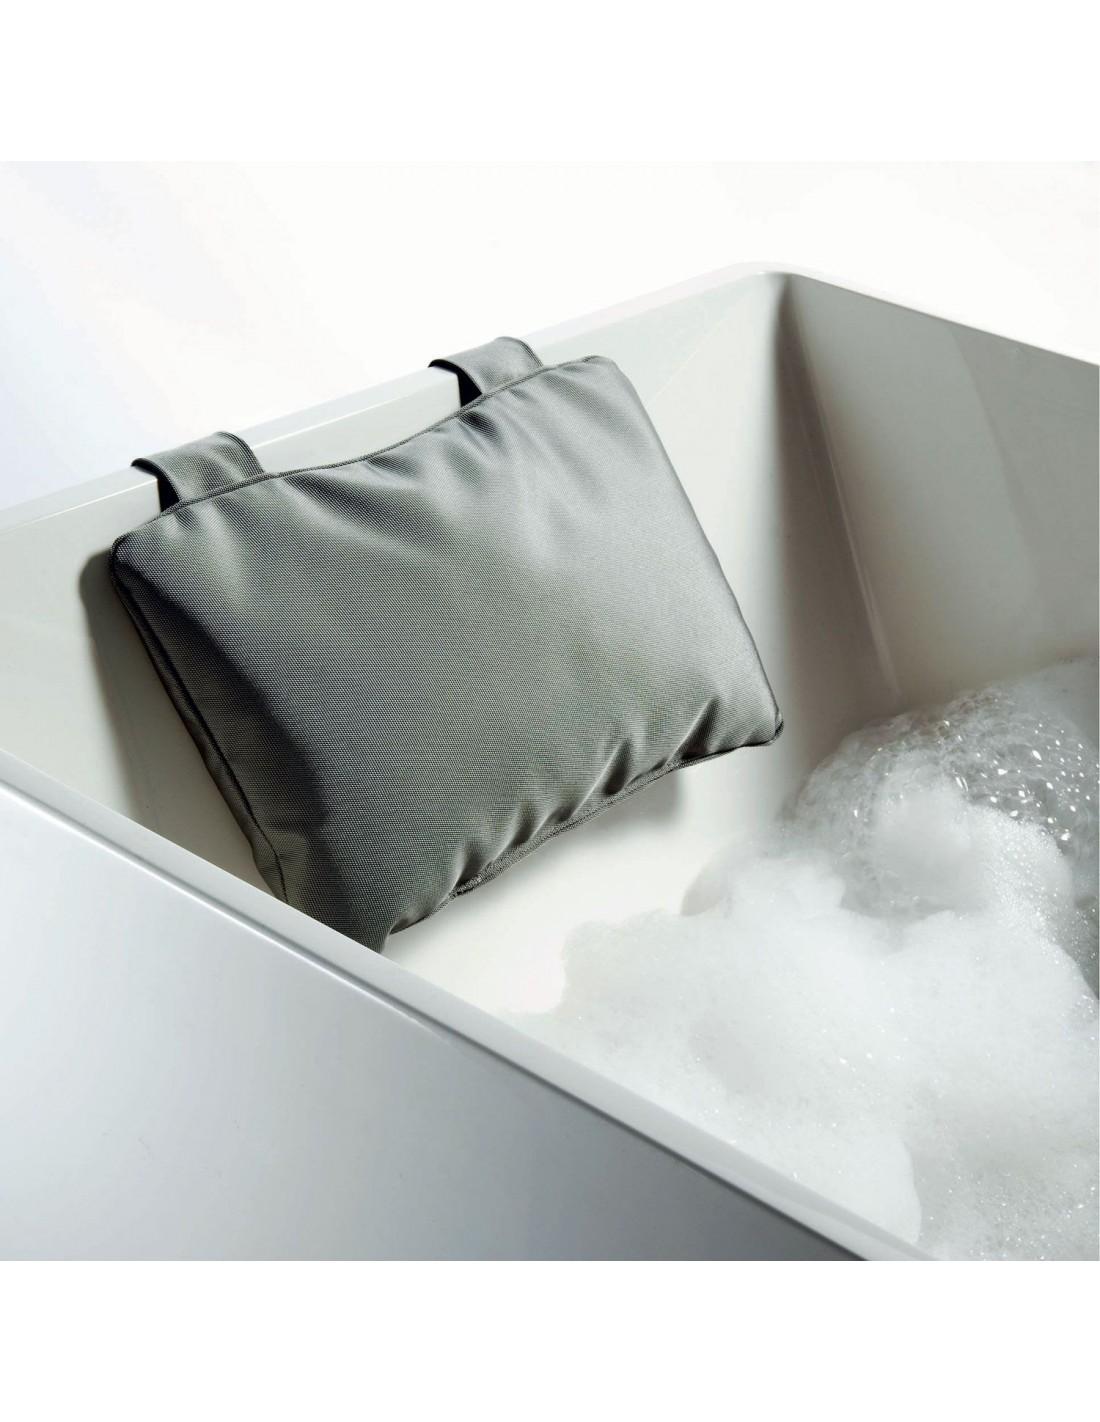 coussin pour baignoire. Black Bedroom Furniture Sets. Home Design Ideas